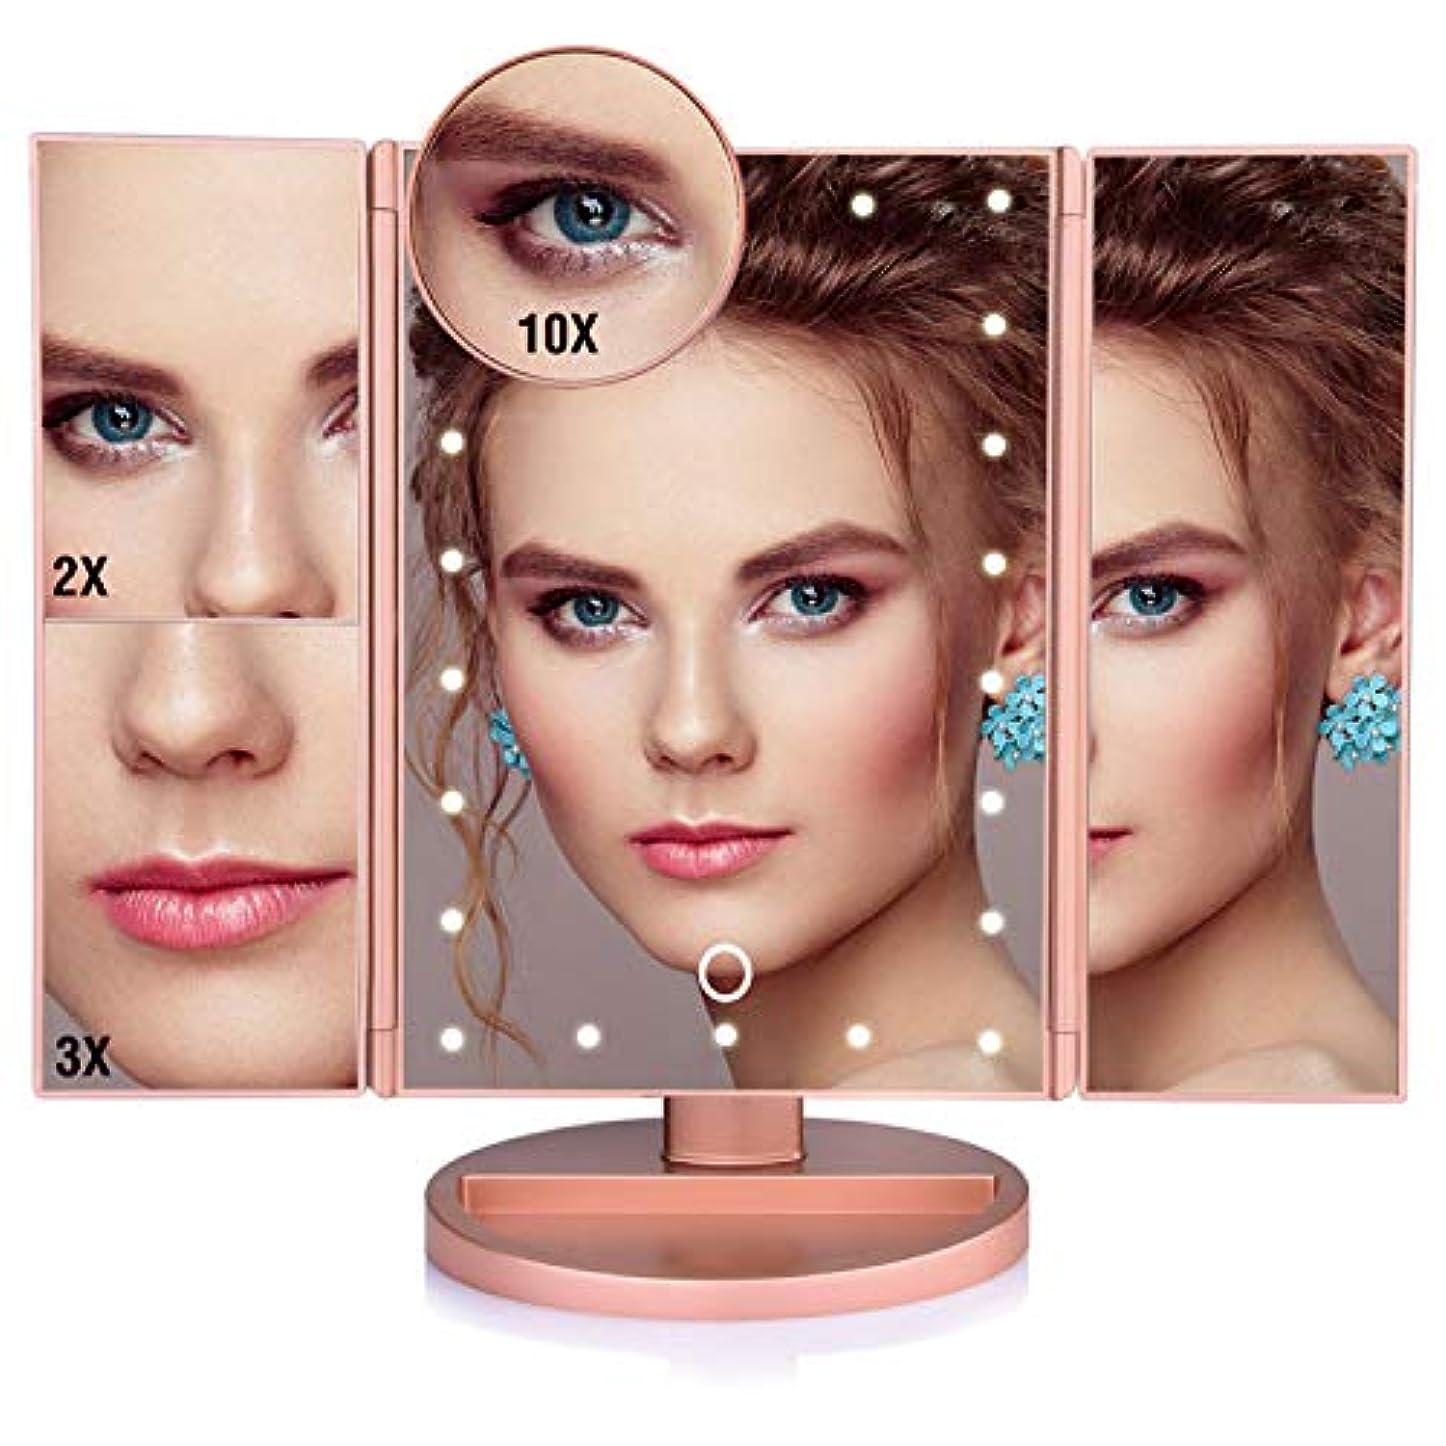 圧倒的常習者熟達LED化粧鏡22 LEDライト付き折りたたみ化粧鏡、10倍/ 3倍/ 2倍拡大デスクトップの化粧台ミラー、タッチスクリーン調光テーブルランプ